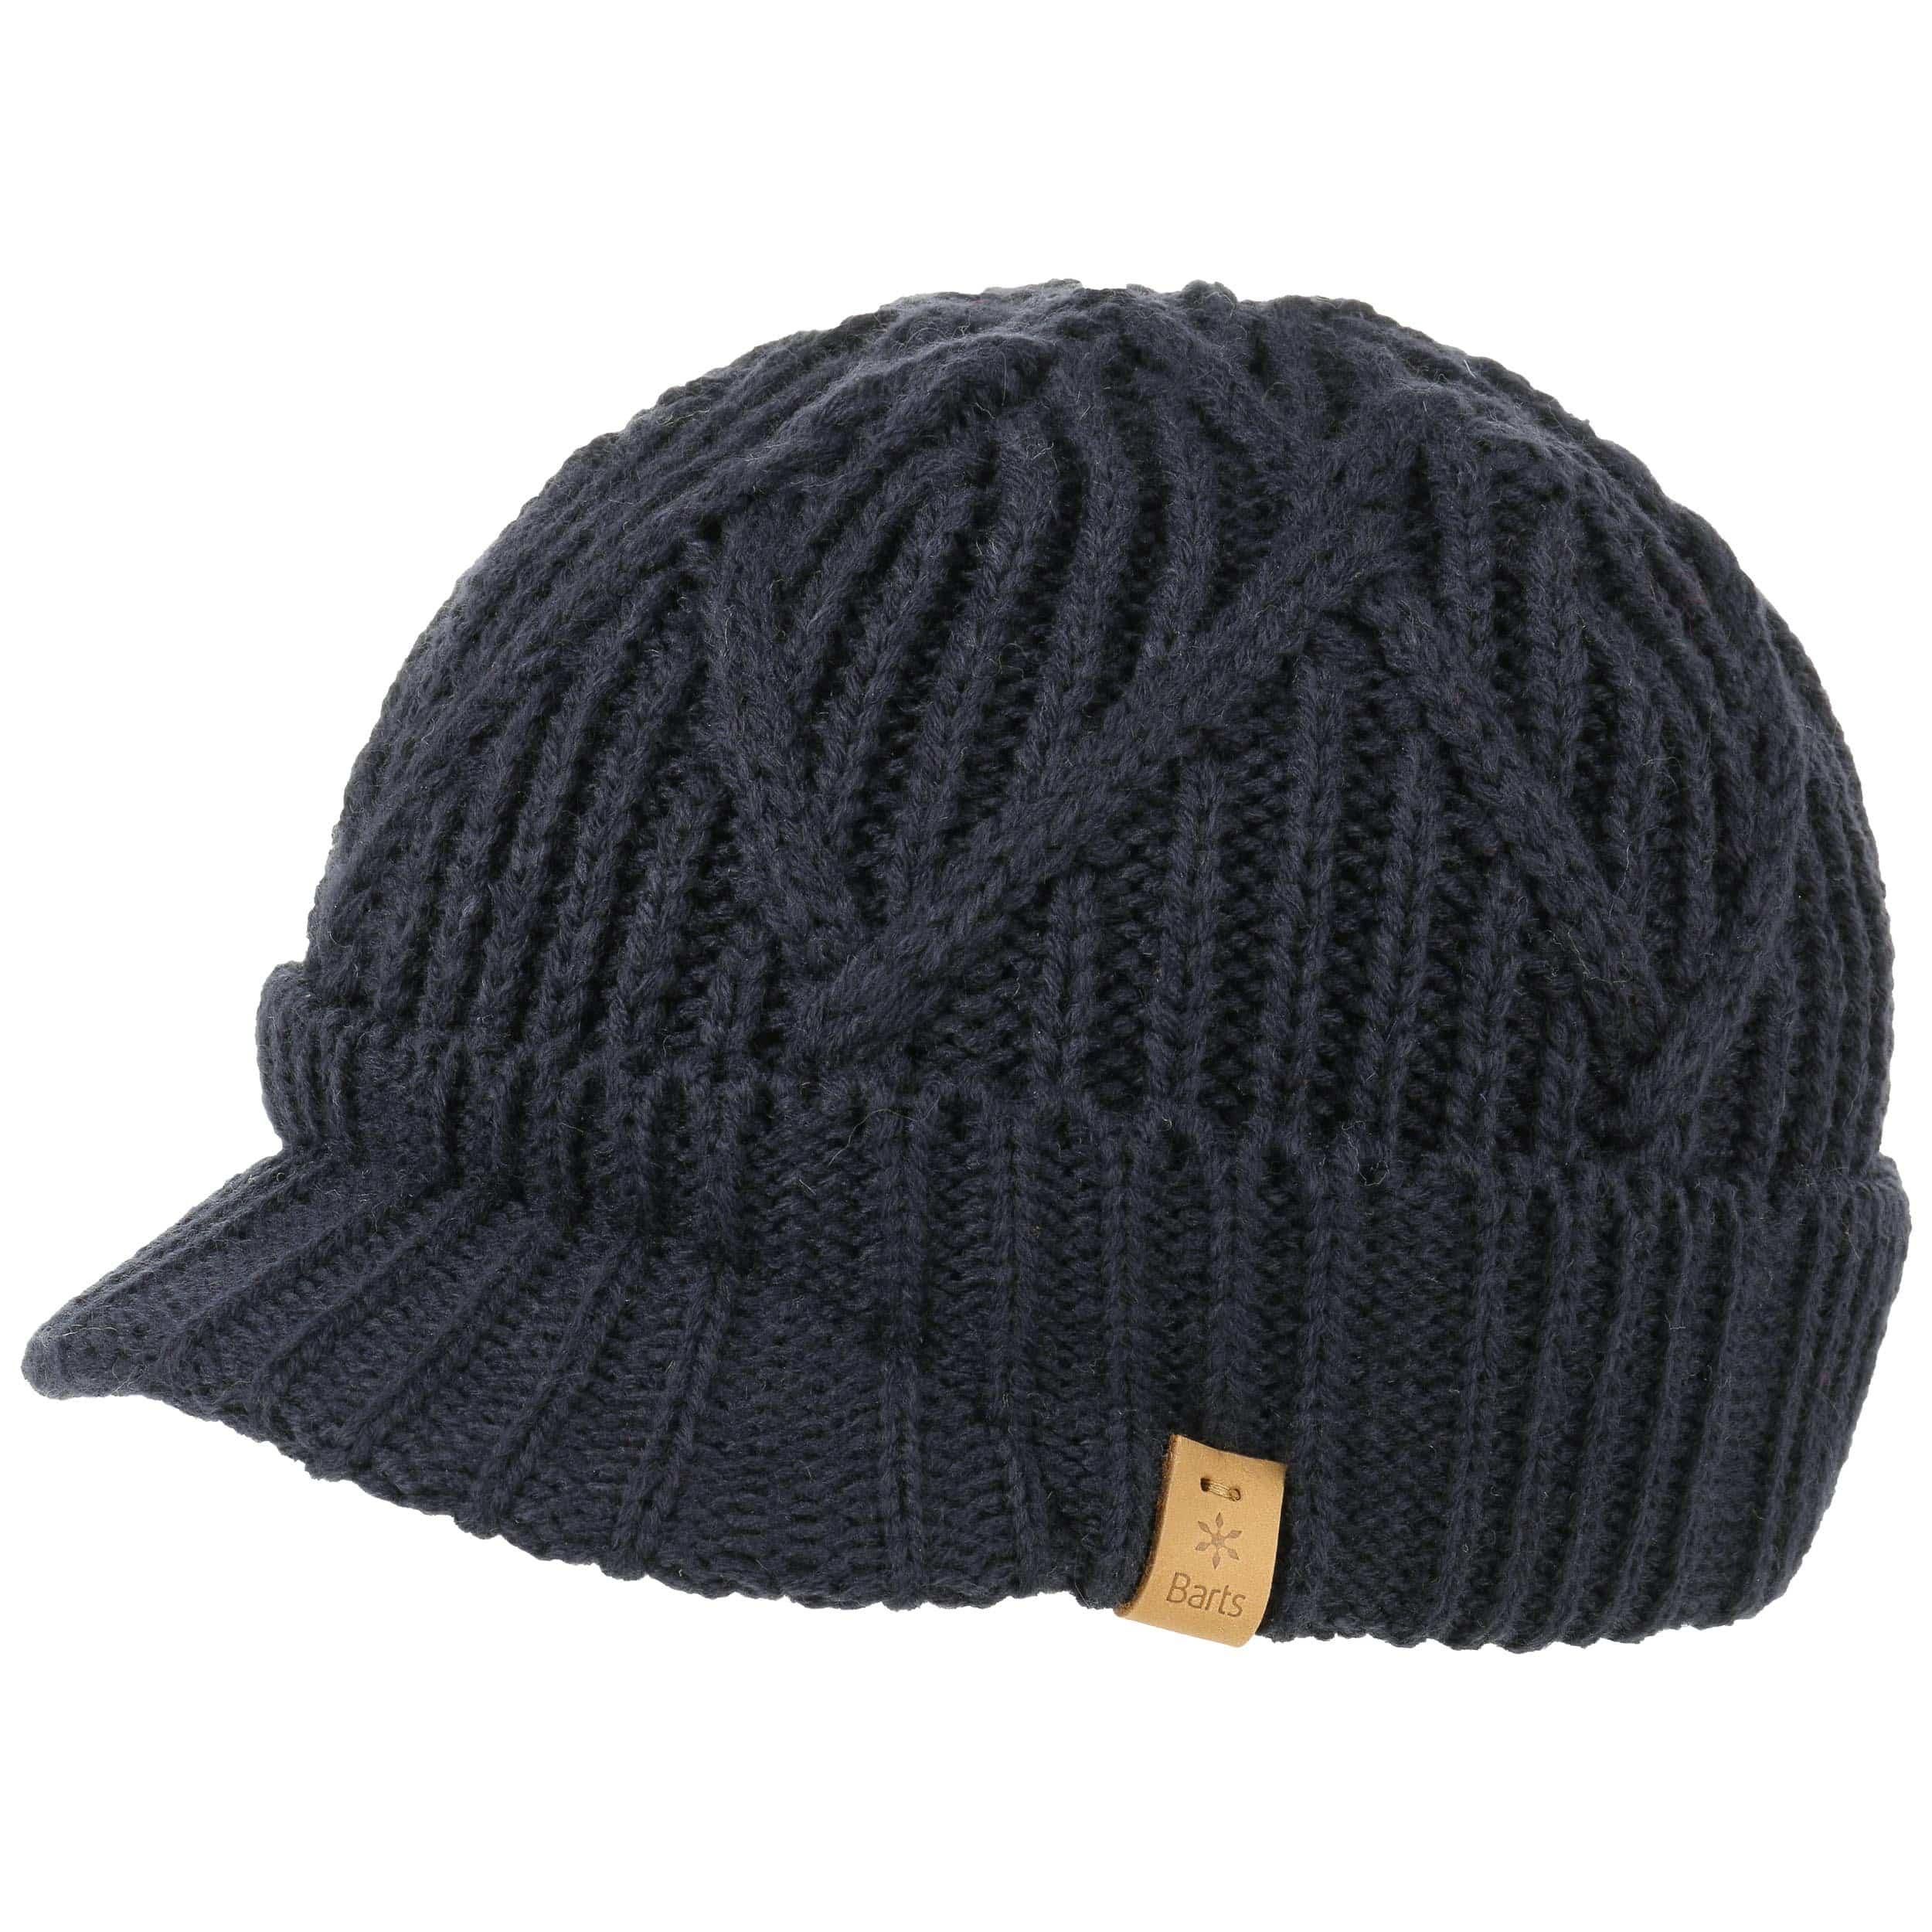 b860675bbed ... Oscar Peak Pull On Knit Hat by Barts - blue 4